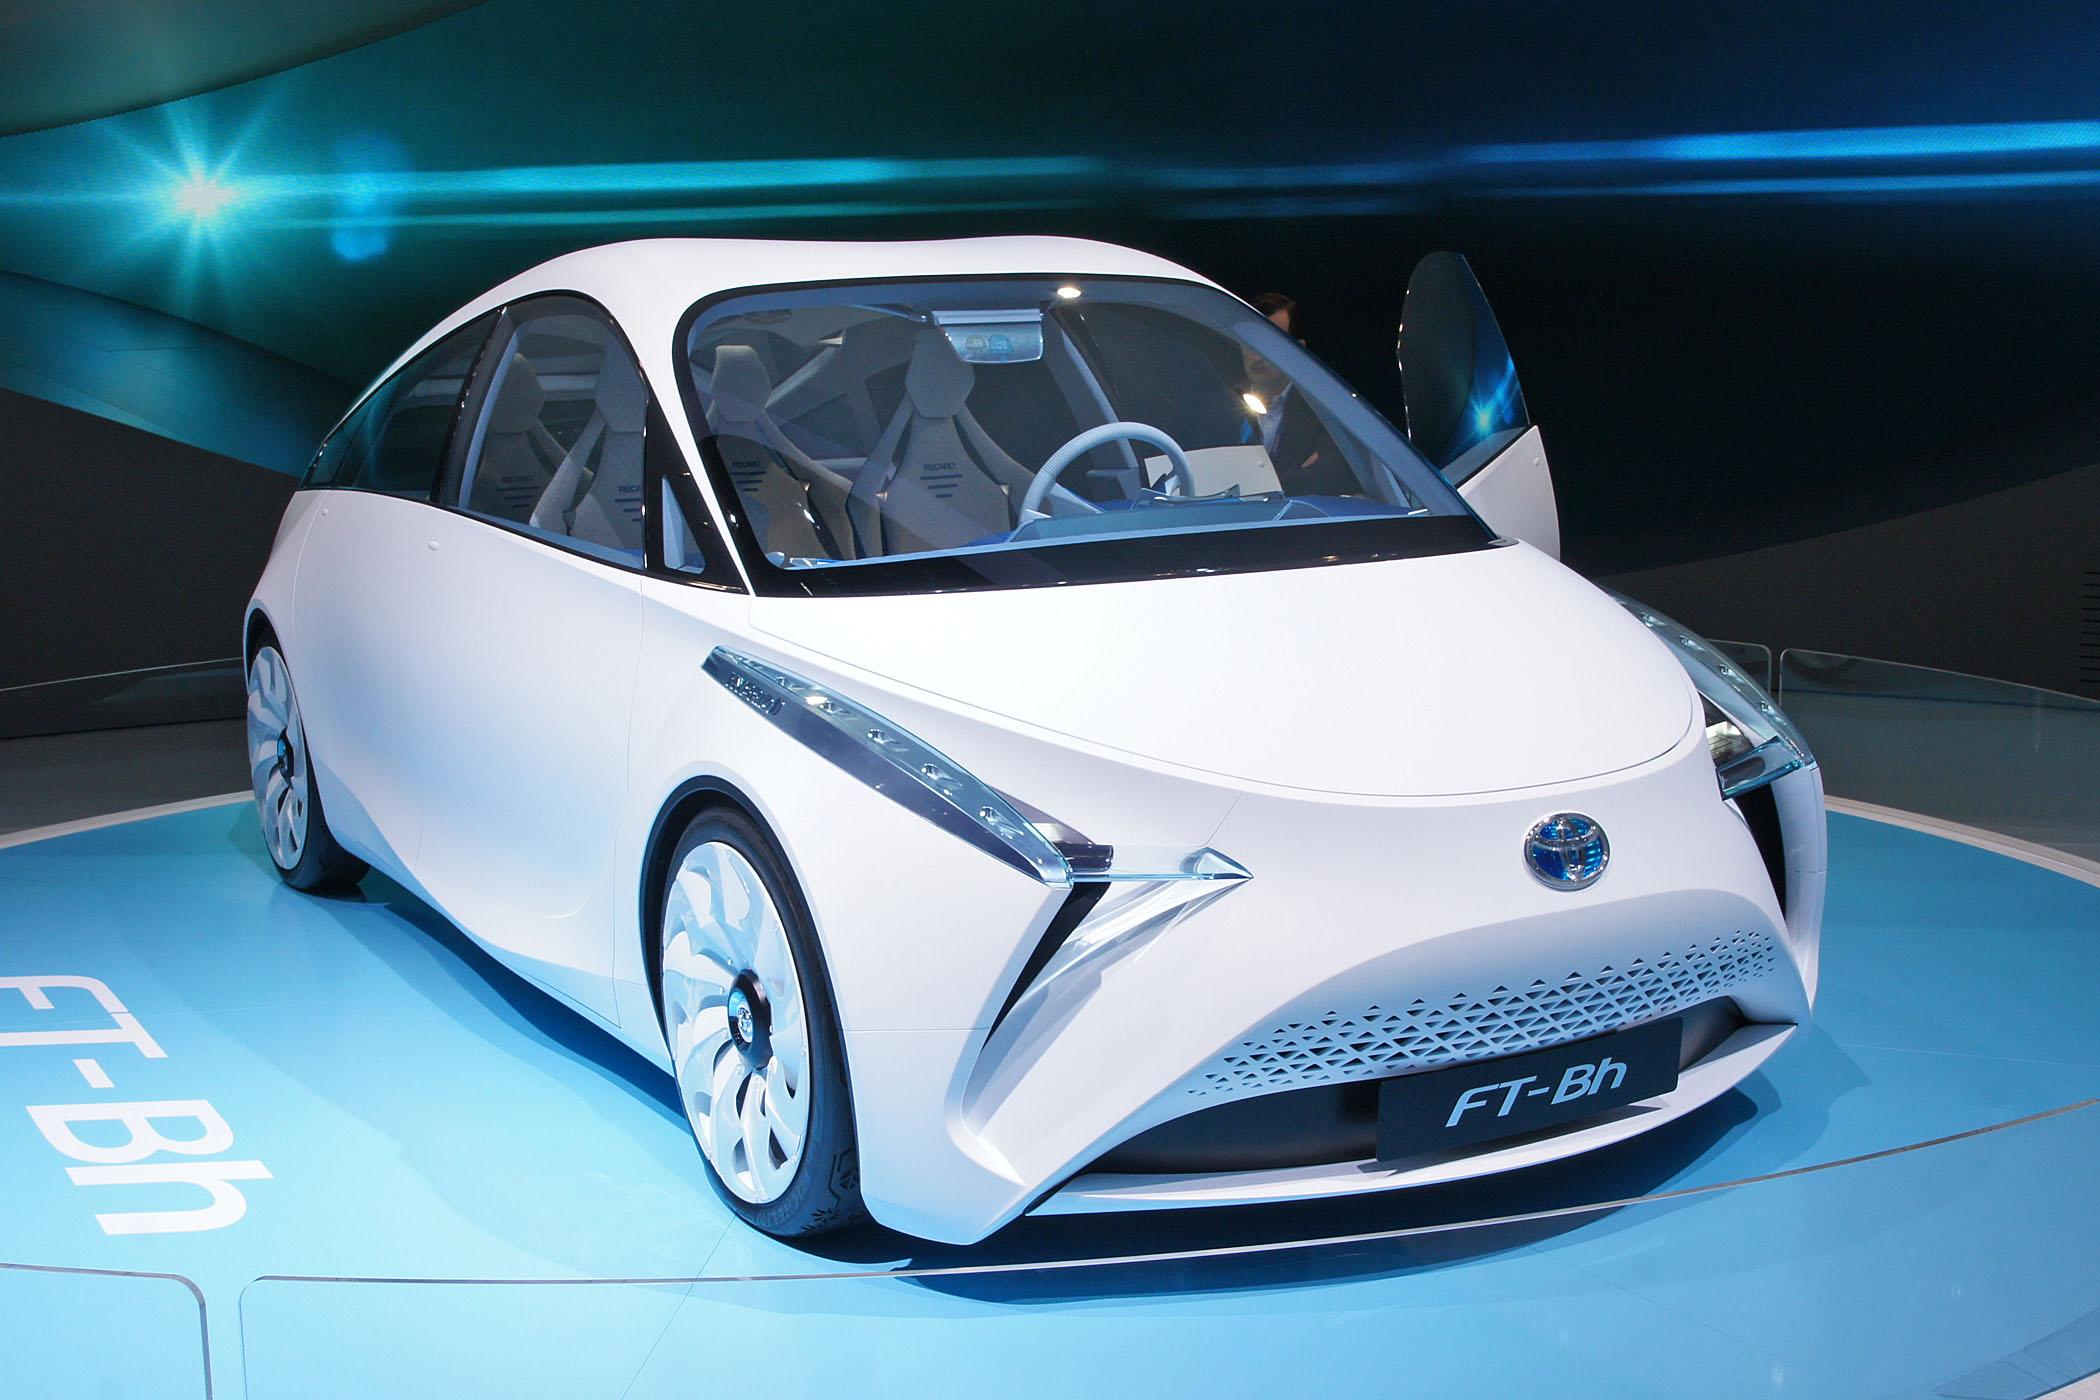 http://2.bp.blogspot.com/-jaujc2XP68M/T7jDRsdQ2dI/AAAAAAAADO8/0fTiHhgU1Bk/I/Toyota%252520FT-Bh%2525202012.jpg